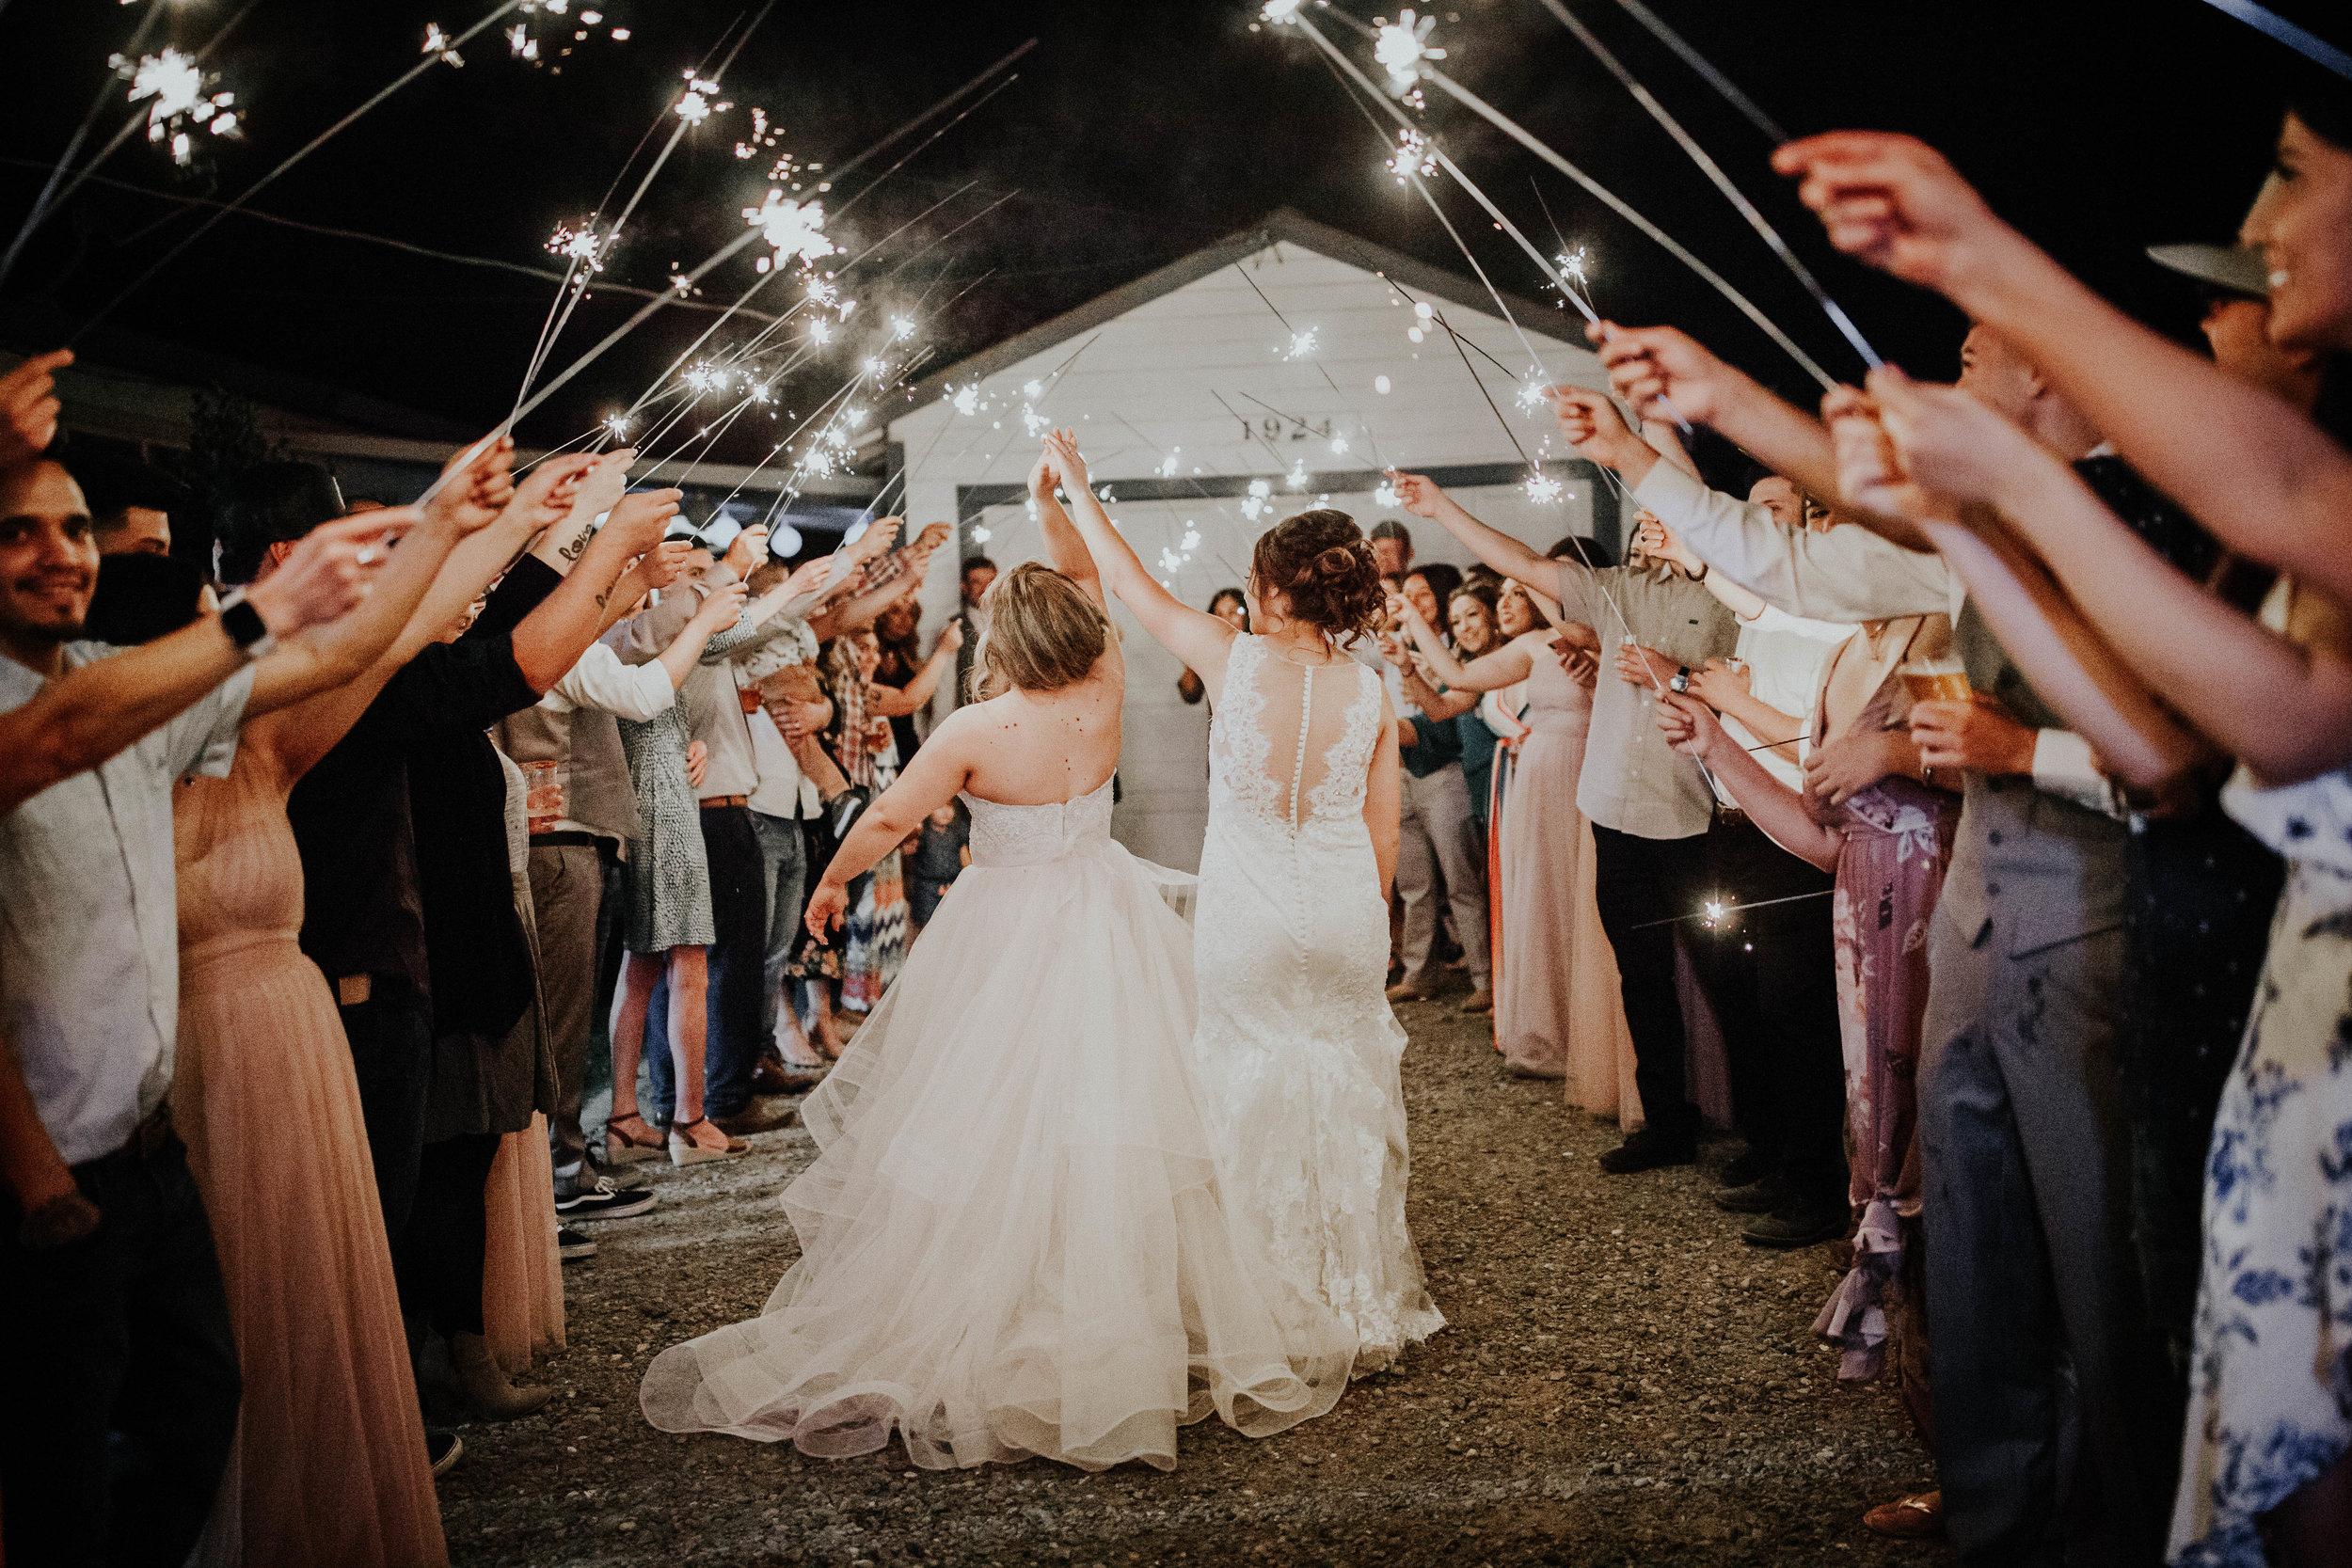 Kelsee&Yudith'sbackyardintimatewedding(595of646).jpg